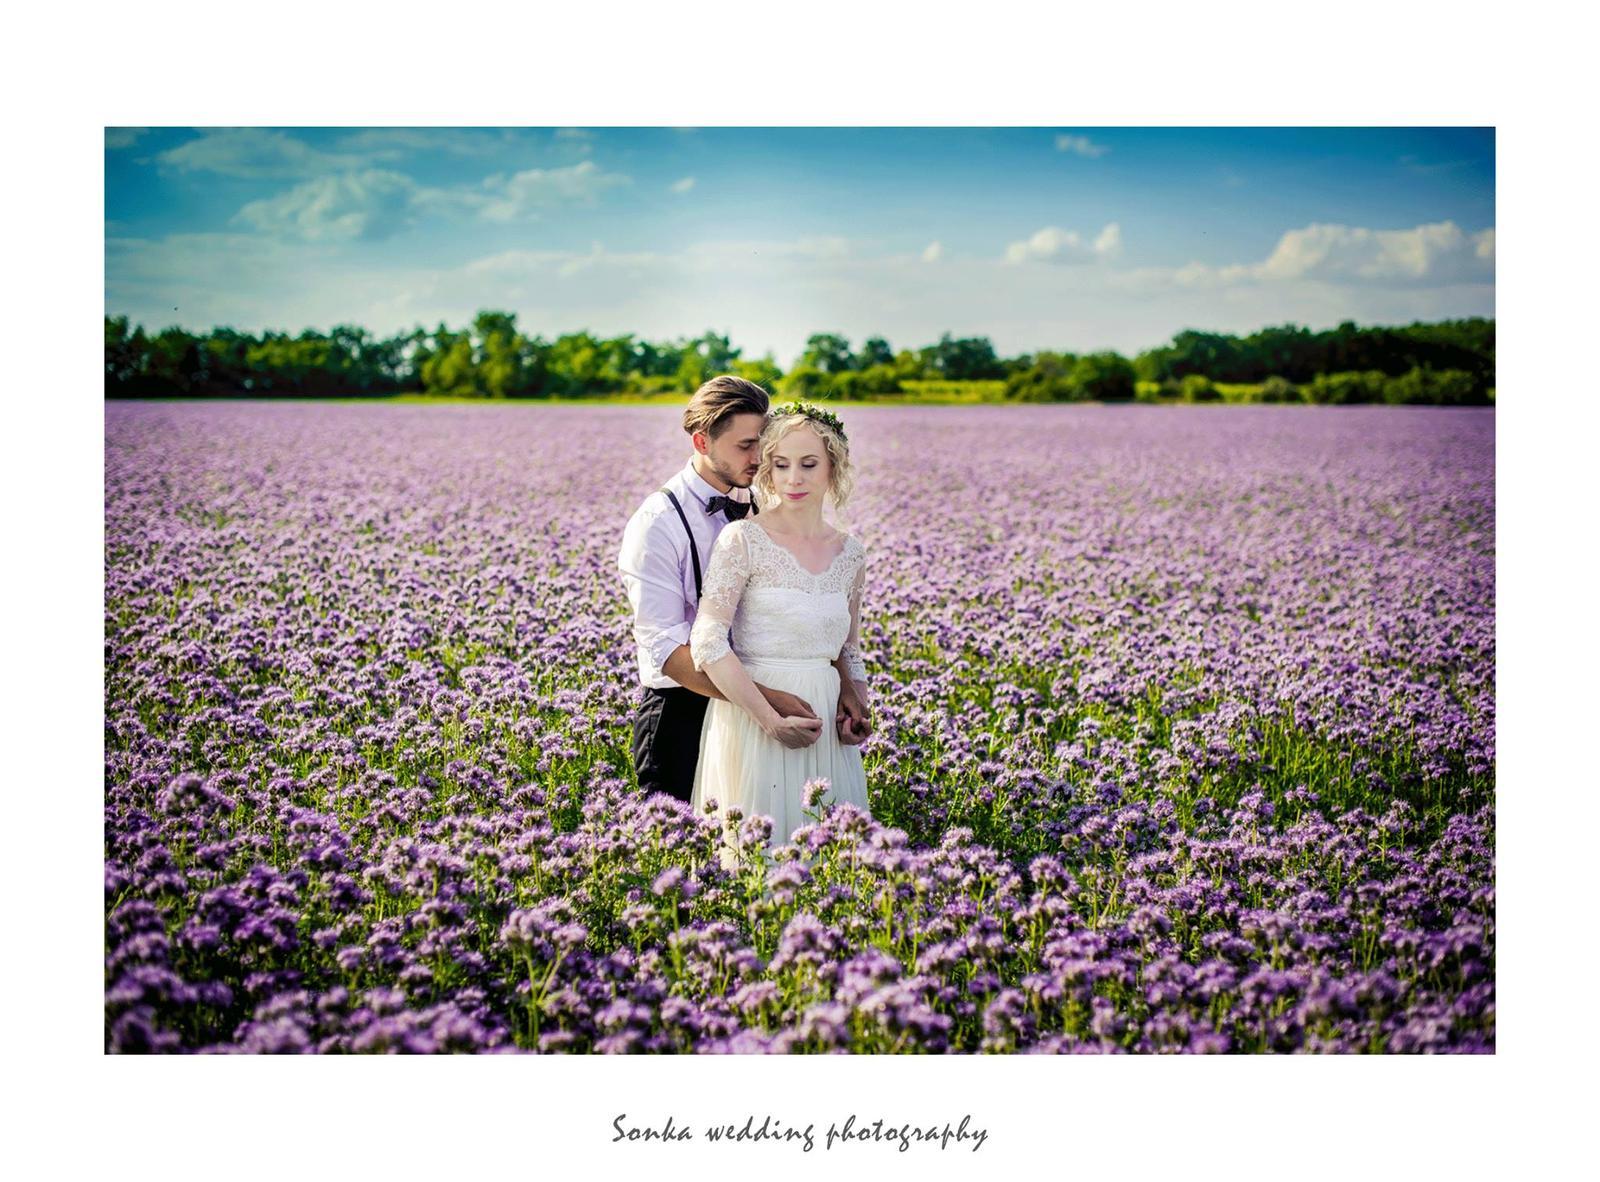 Wedding photography - Obrázek č. 20